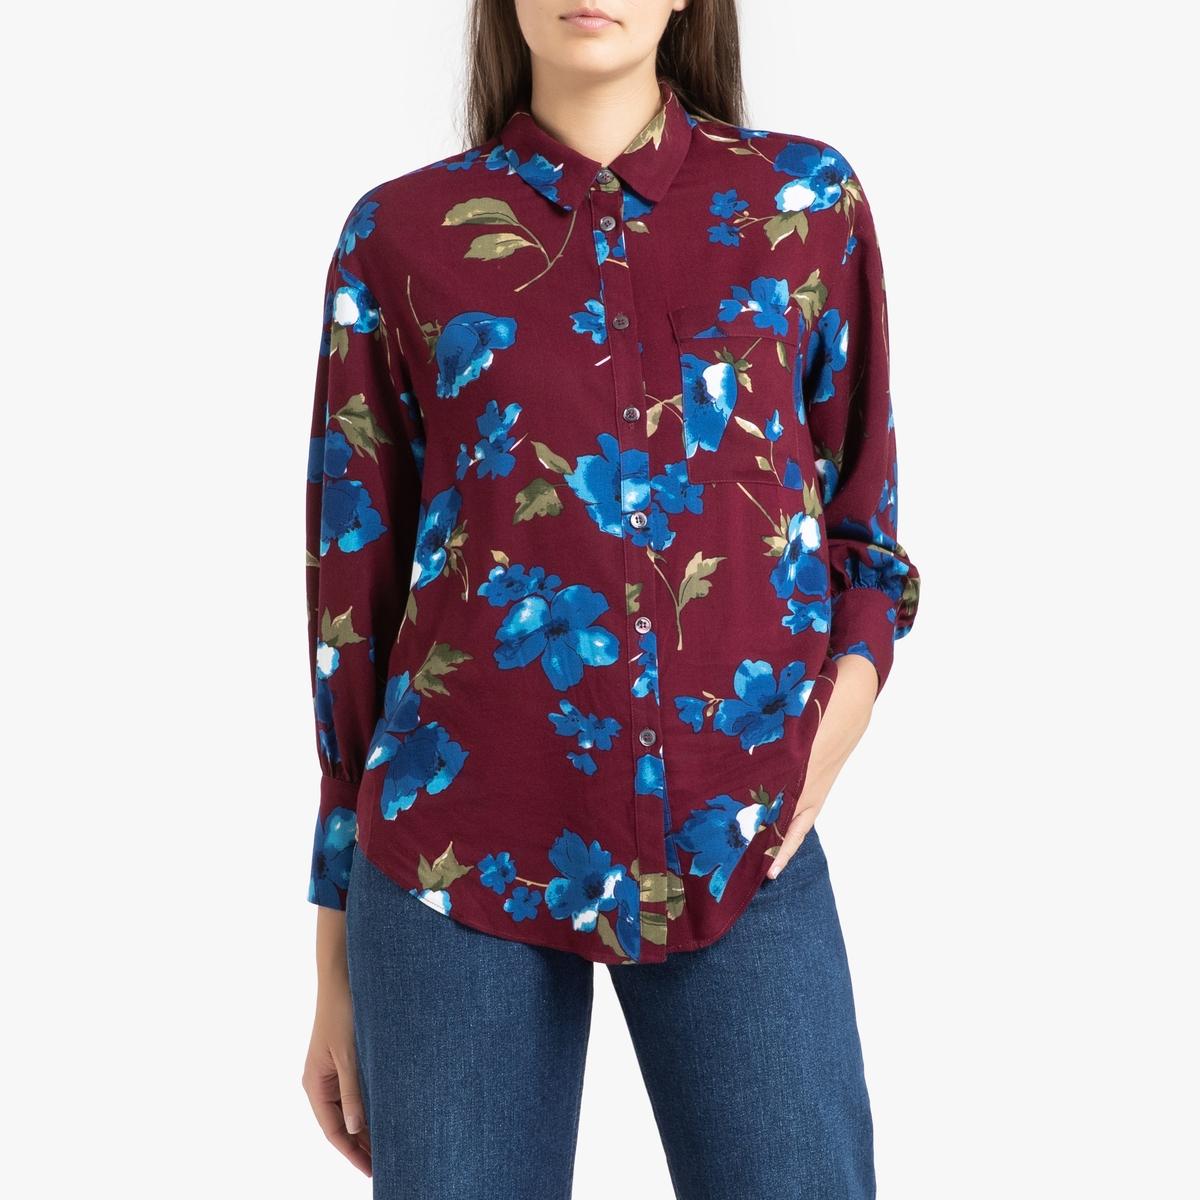 купить Рубашка La Redoute С длинными рукавами CAROLIE S/M красный по цене 6899 рублей